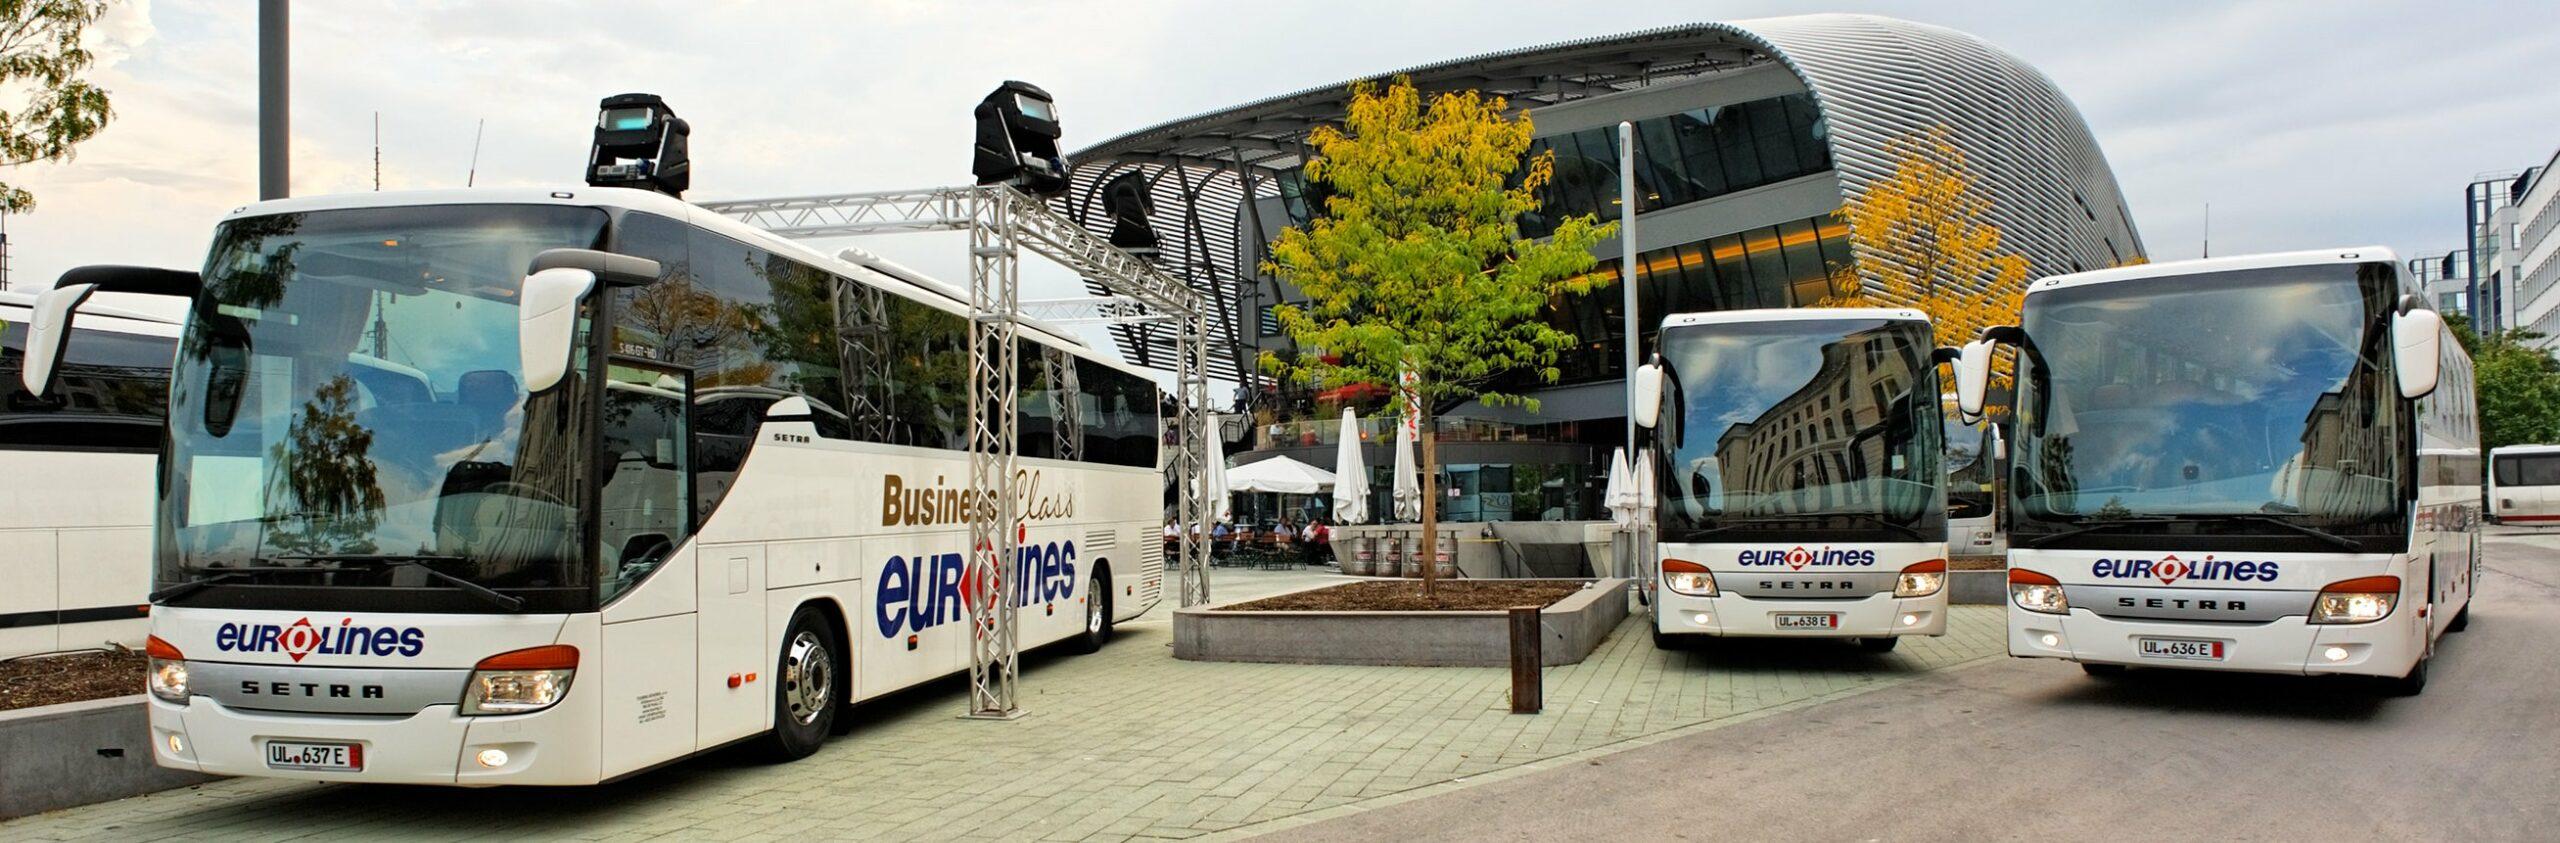 Offre de reprise dans le cadre d'une procédure de redressement judiciaire : EUROLINES, transports routiers publics de voyageurs, et gestion de gares routières internationales de voyageurs.